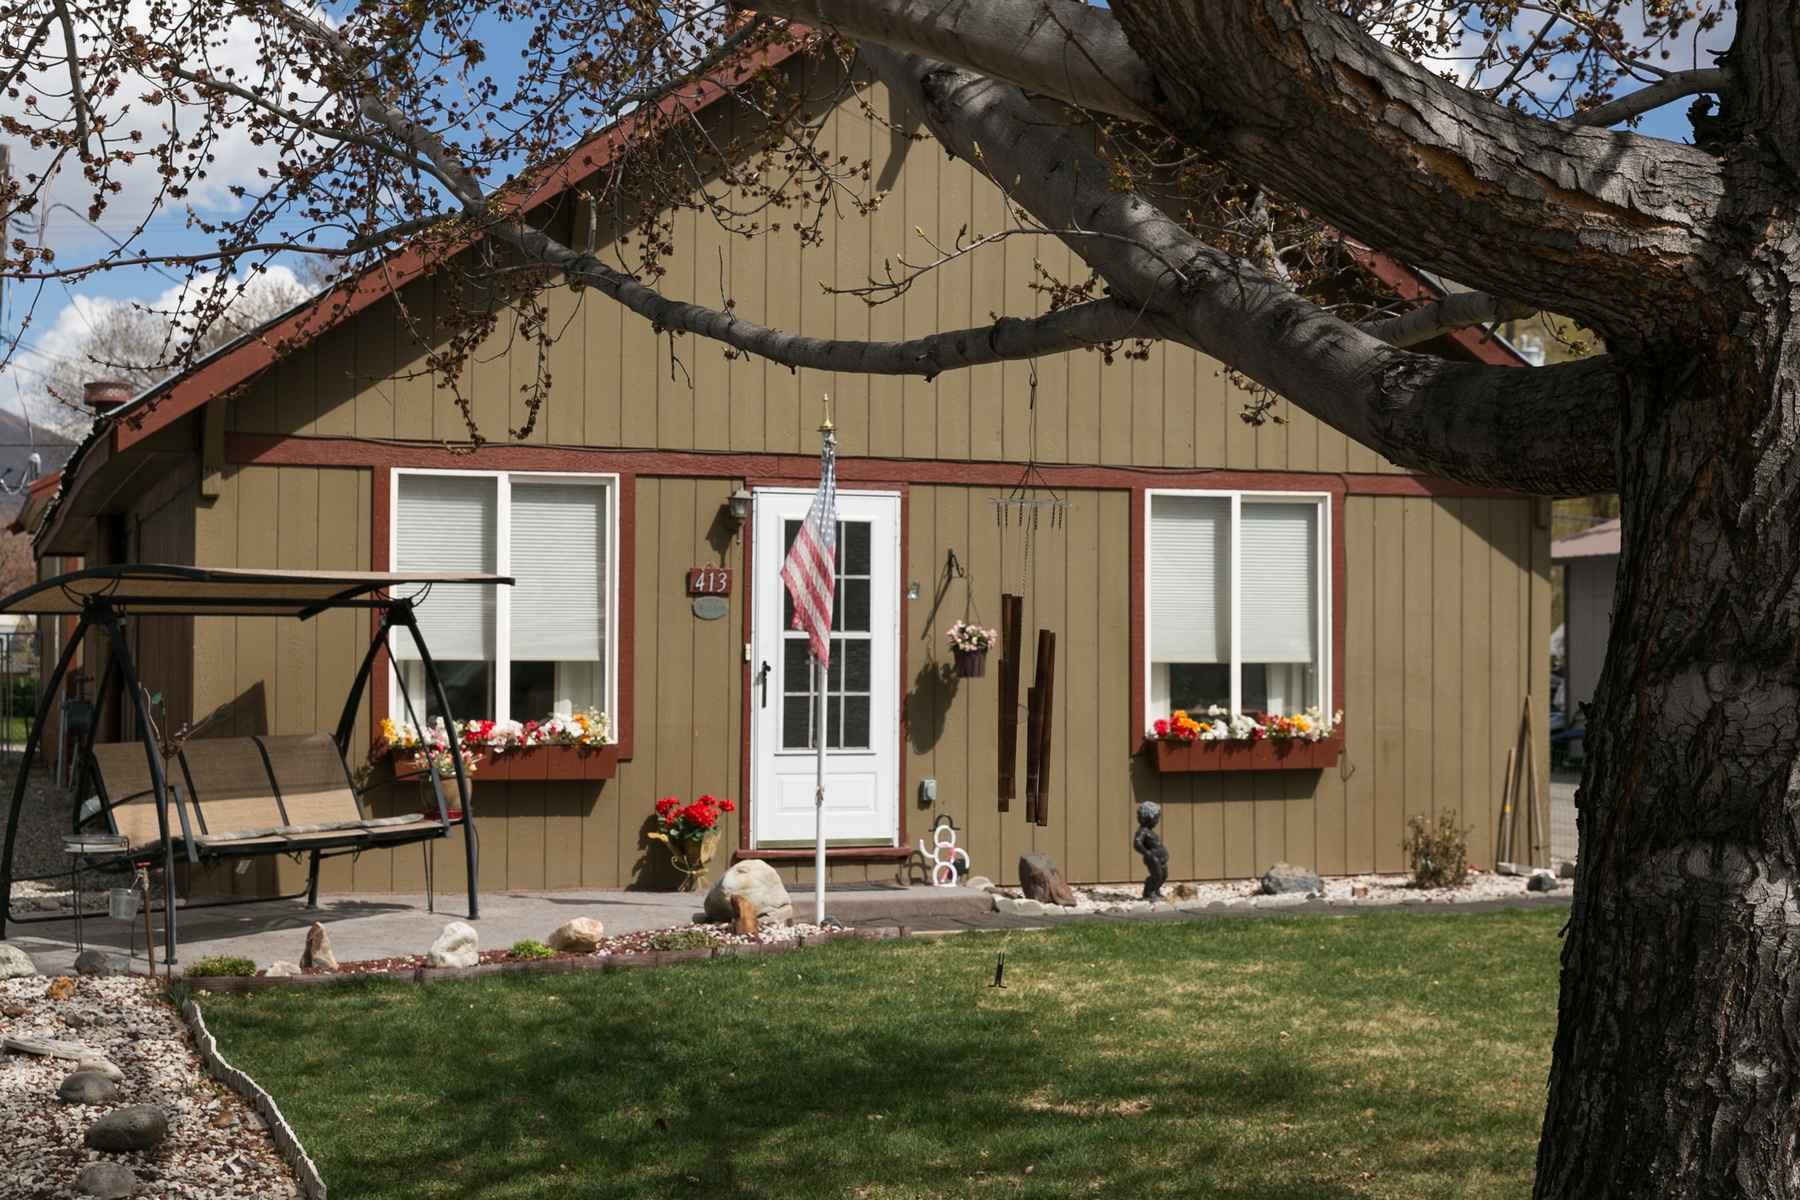 단독 가정 주택 용 매매 에 Endless Potential Bellevue Home 413 S. Main St Bellevue, 아이다호, 83333 미국